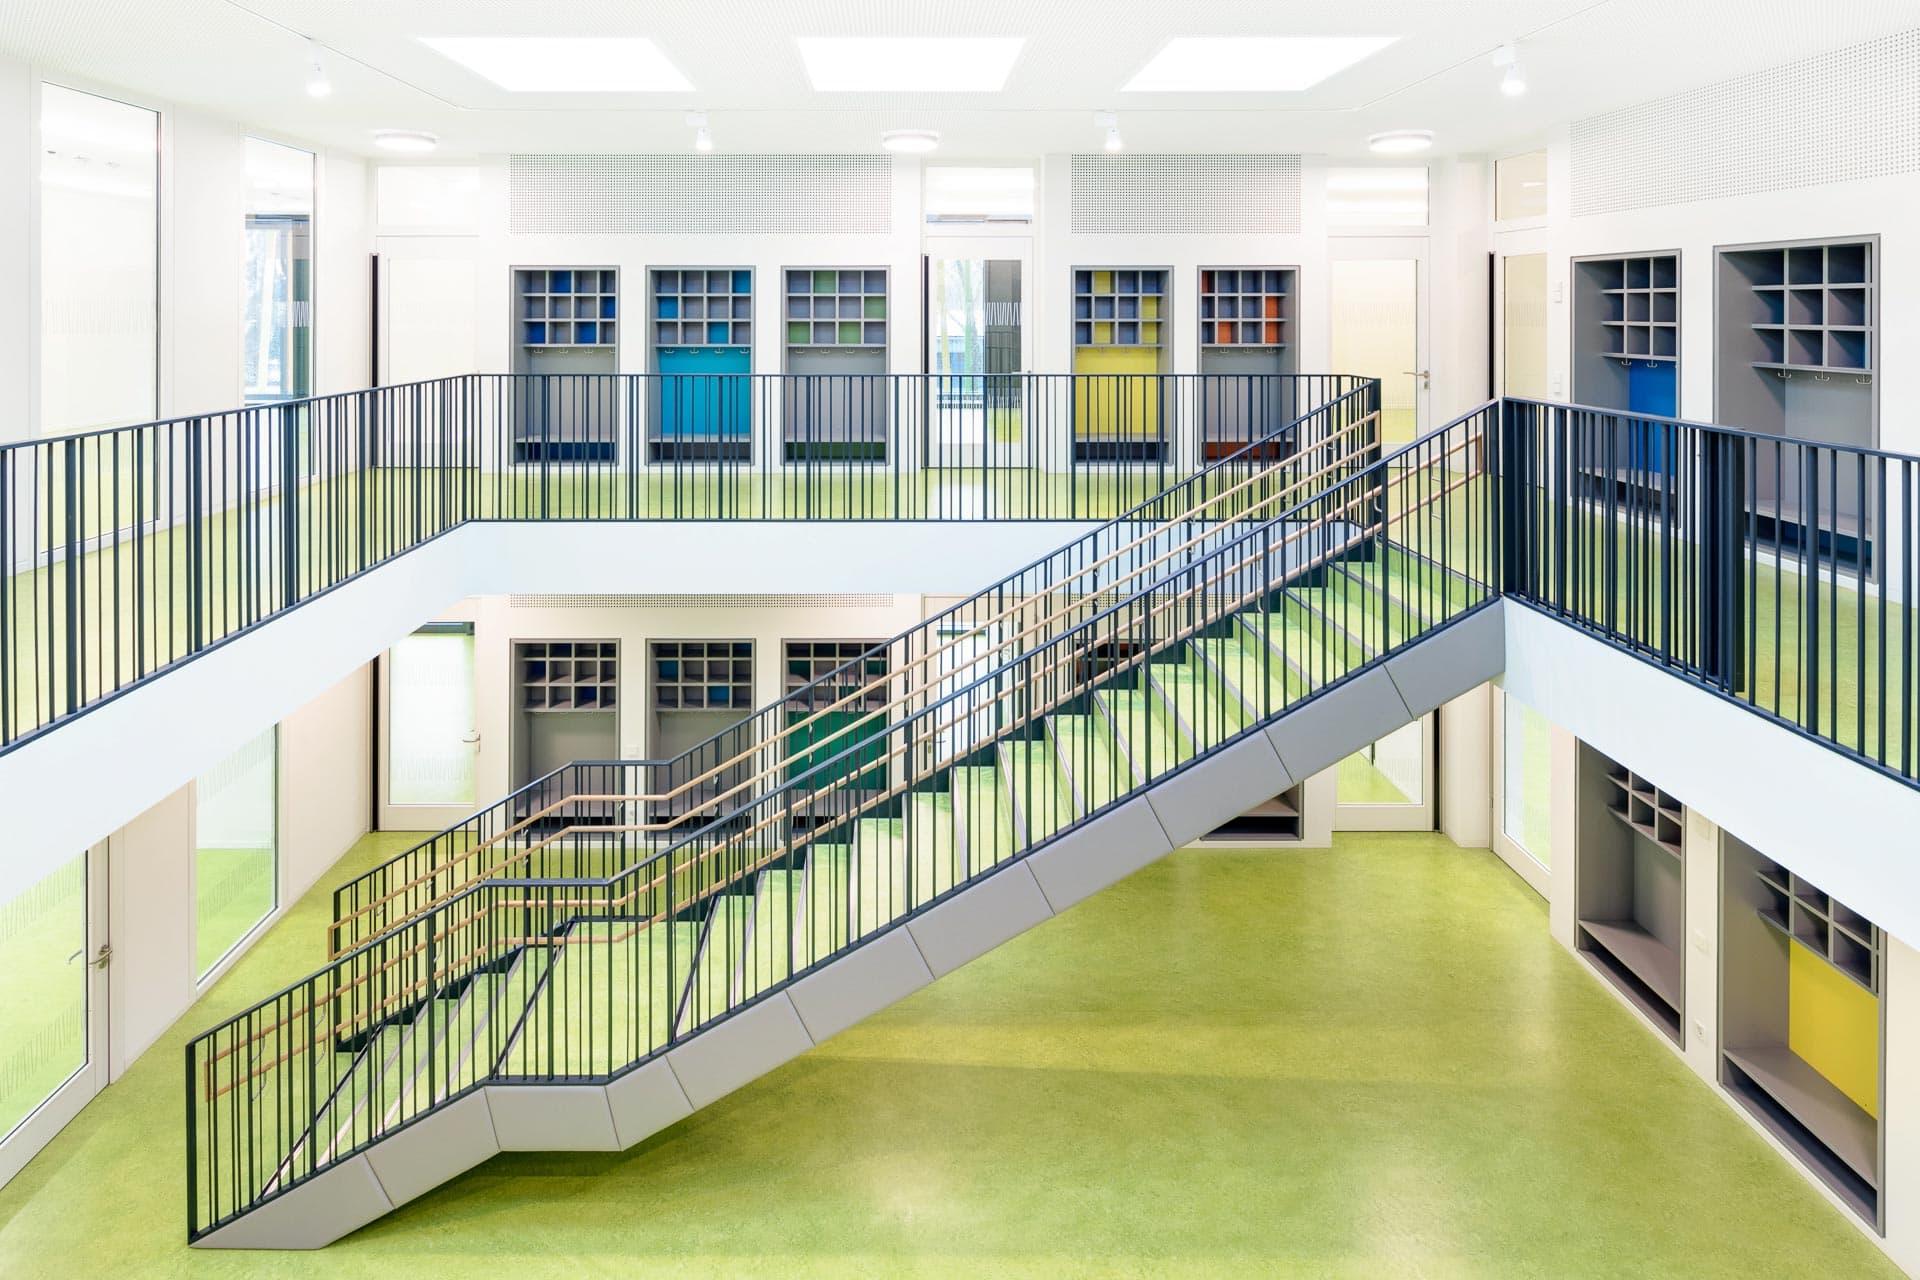 Architekturfotografie Kita Typenbauten Stuttgartichel + Wolf Architekten: KiTa Stuttgart